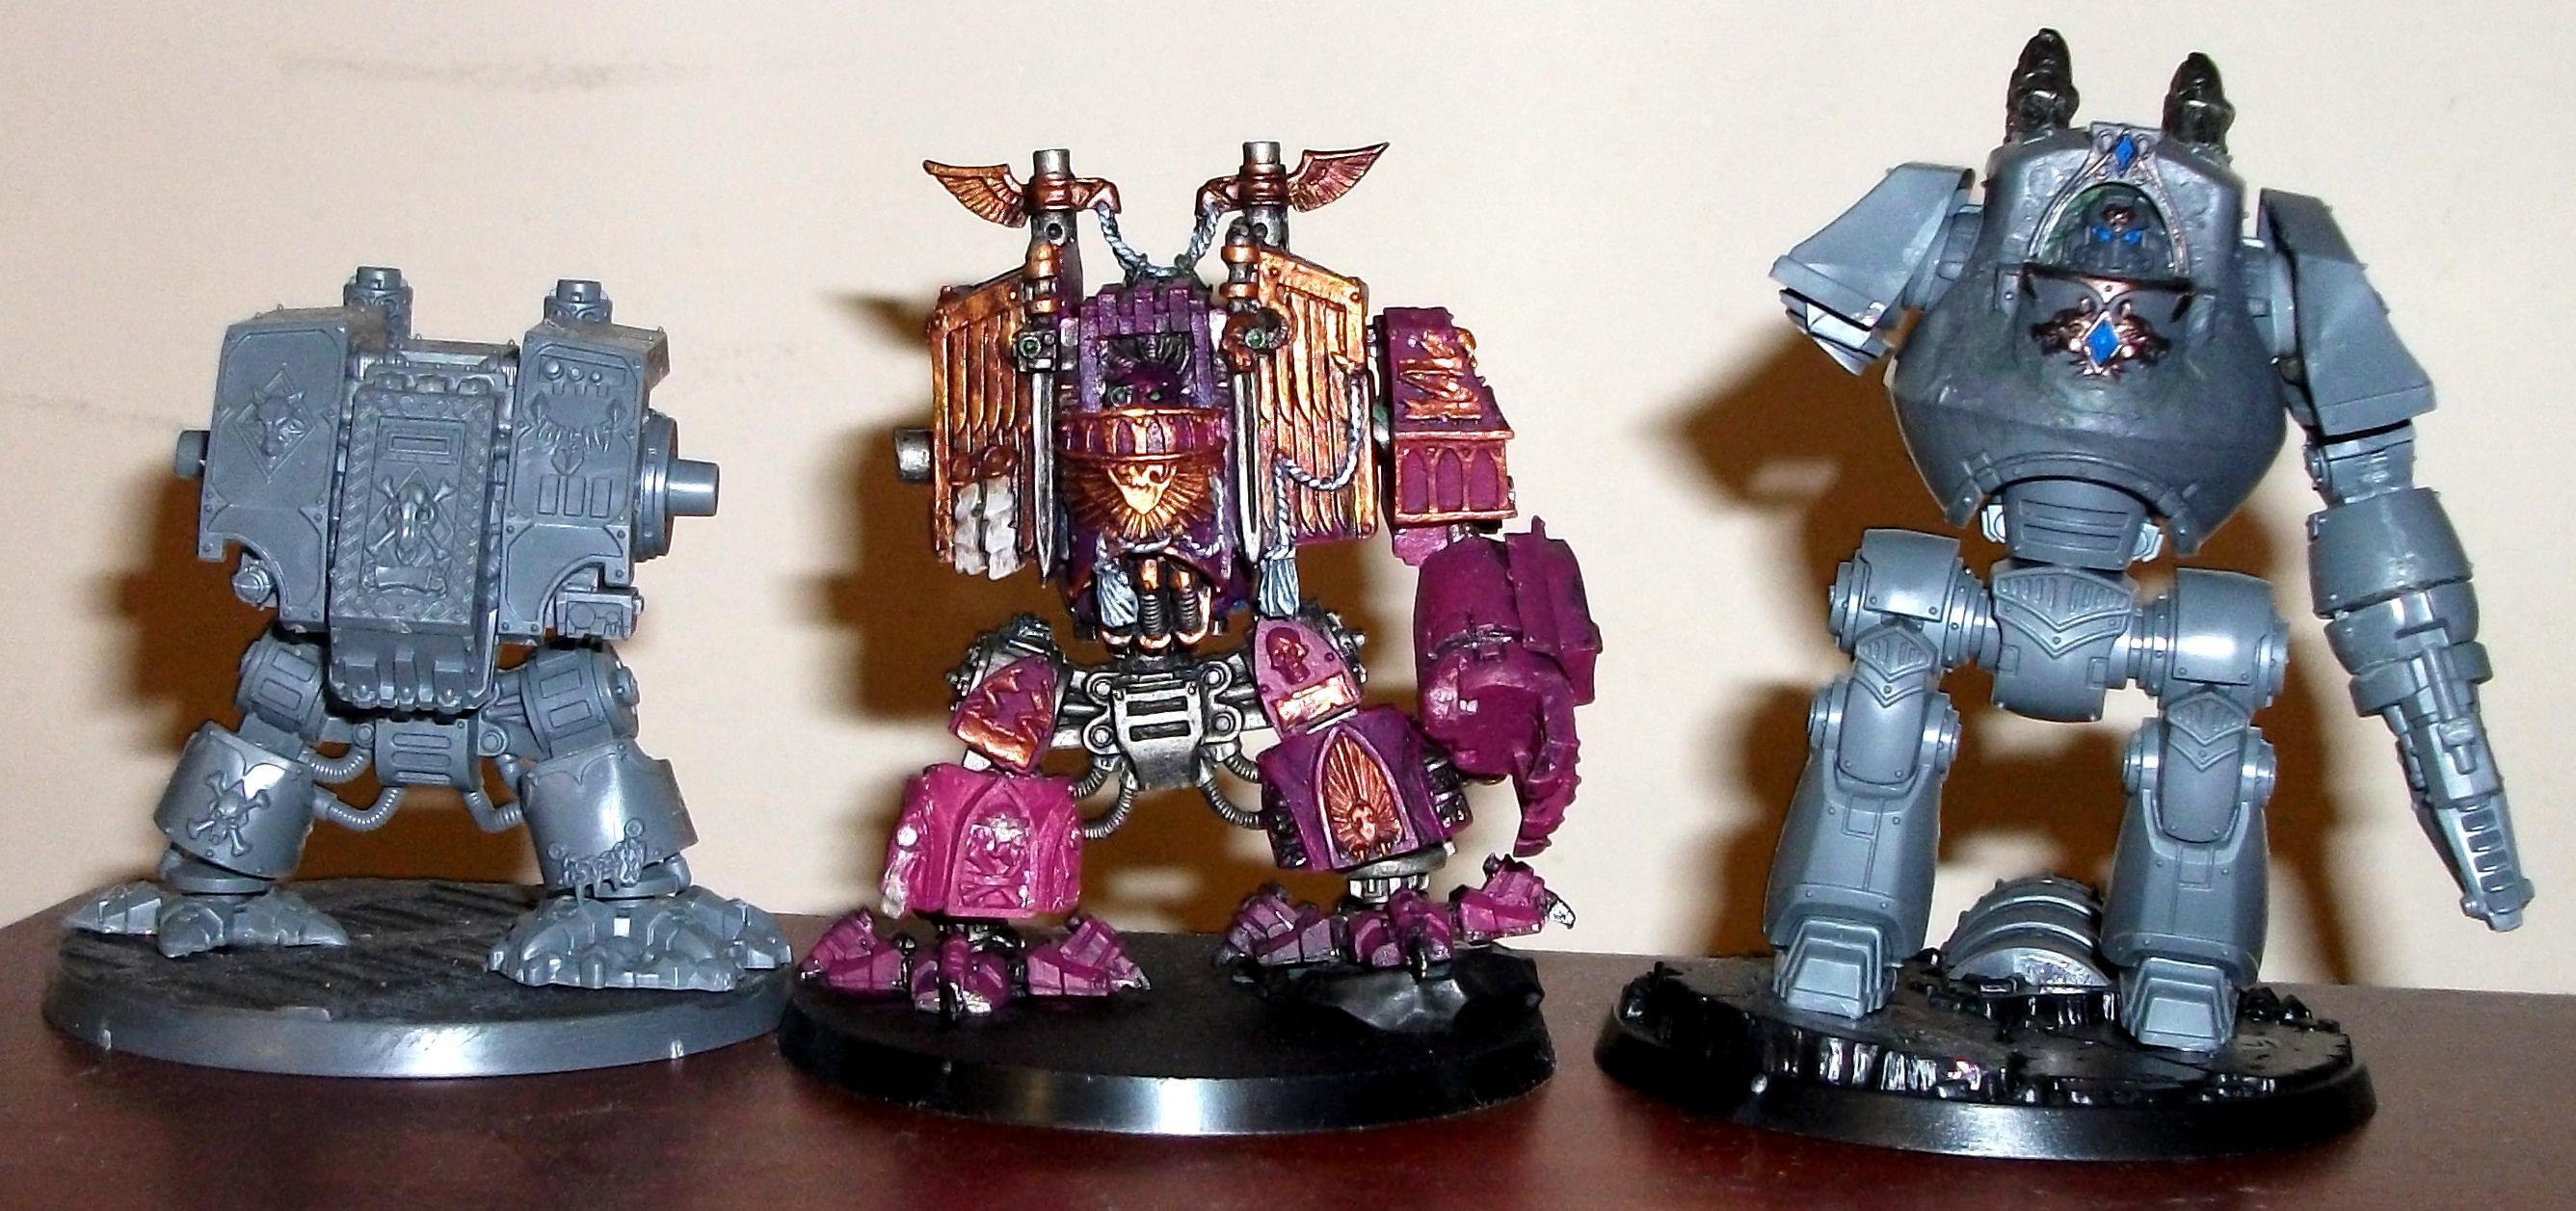 Emperor's Children Dreadnought size comparison